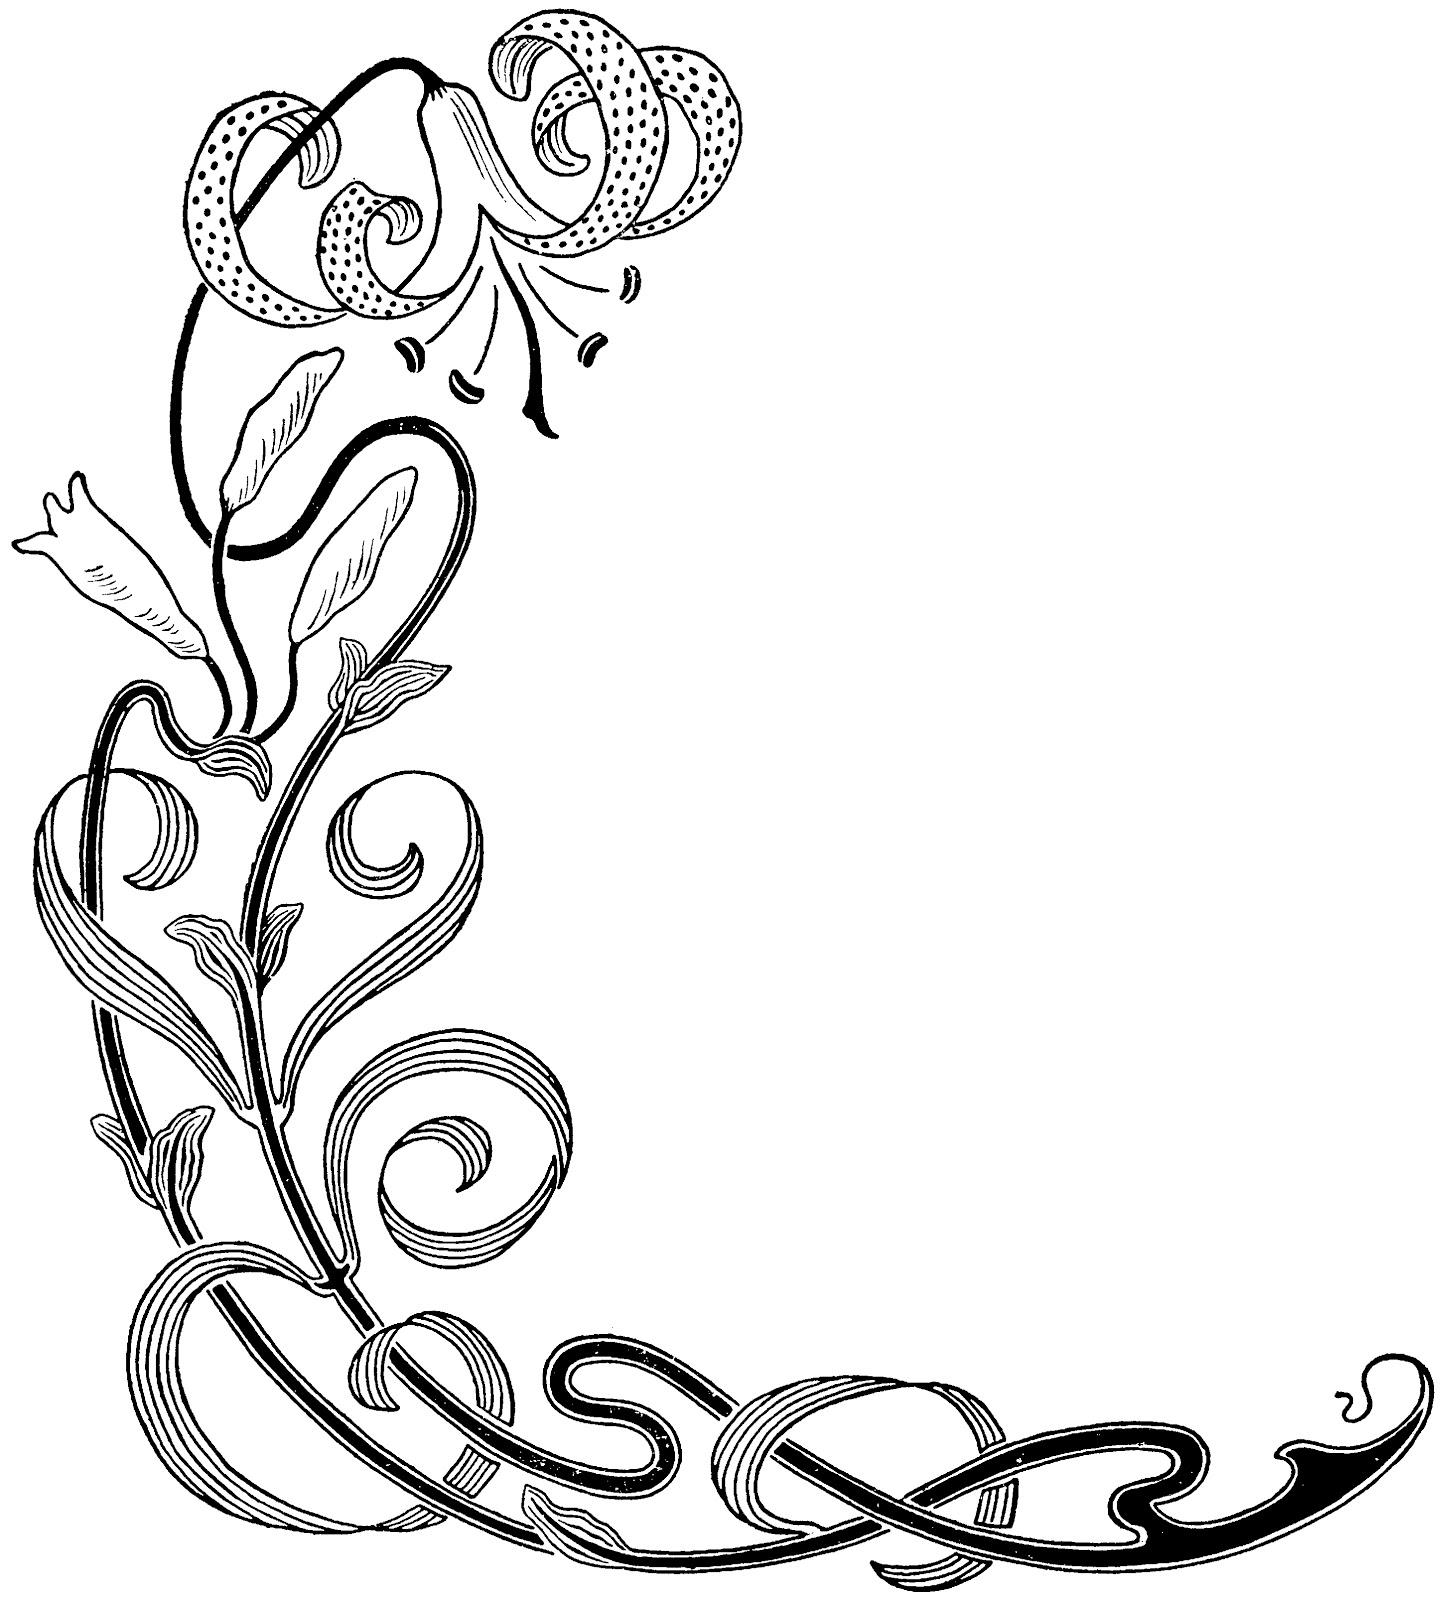 Decorative Clipart Elements